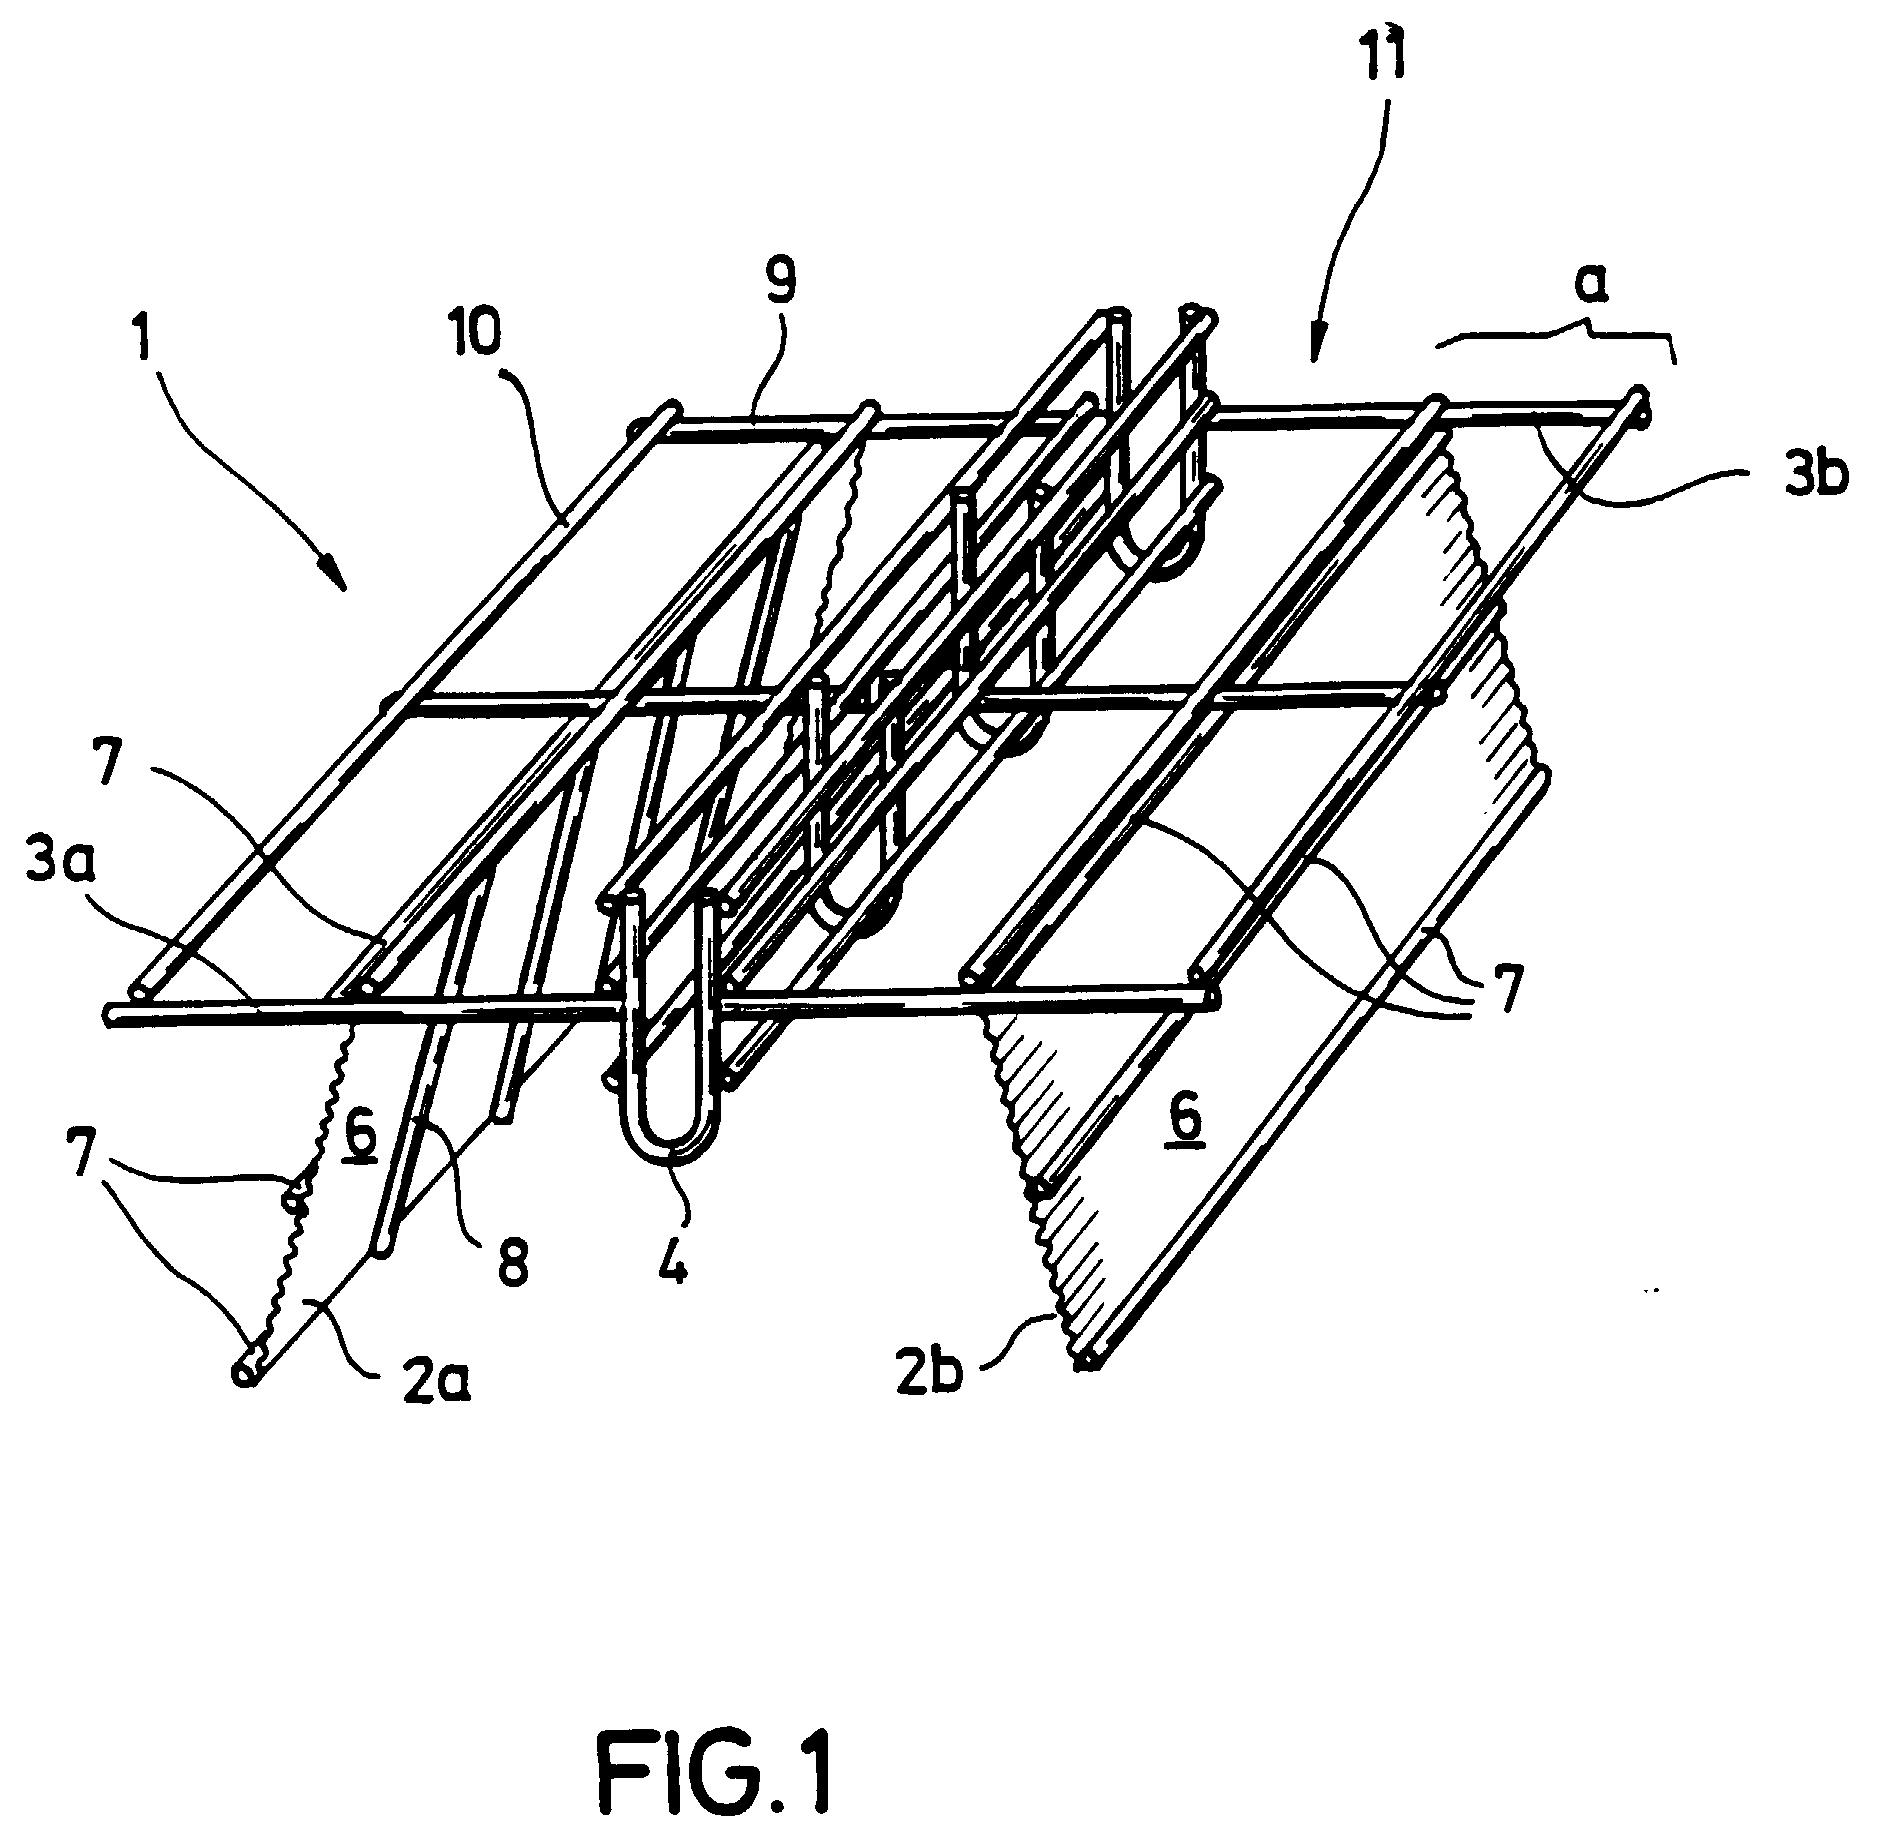 patent ep0568799b1 schalung f r eine aufkantung google. Black Bedroom Furniture Sets. Home Design Ideas